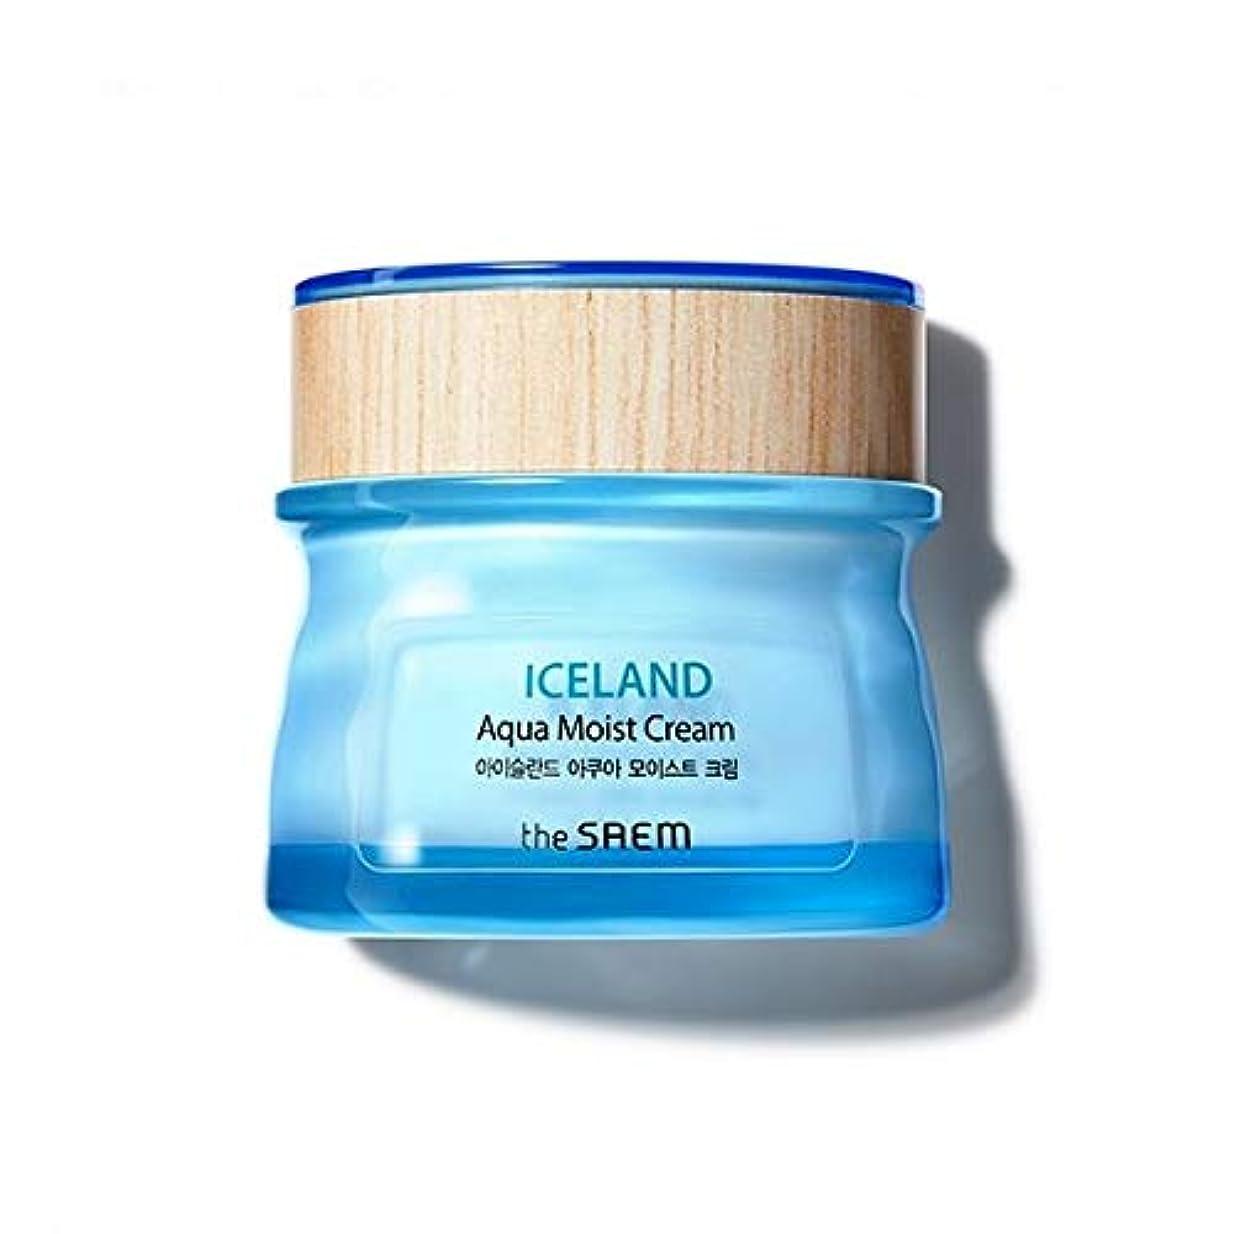 安全名前を作るポスト印象派The saem Iceland Apua Moist Cream ザセム アイスランド アクア モイスト クリーム 60ml [並行輸入品]